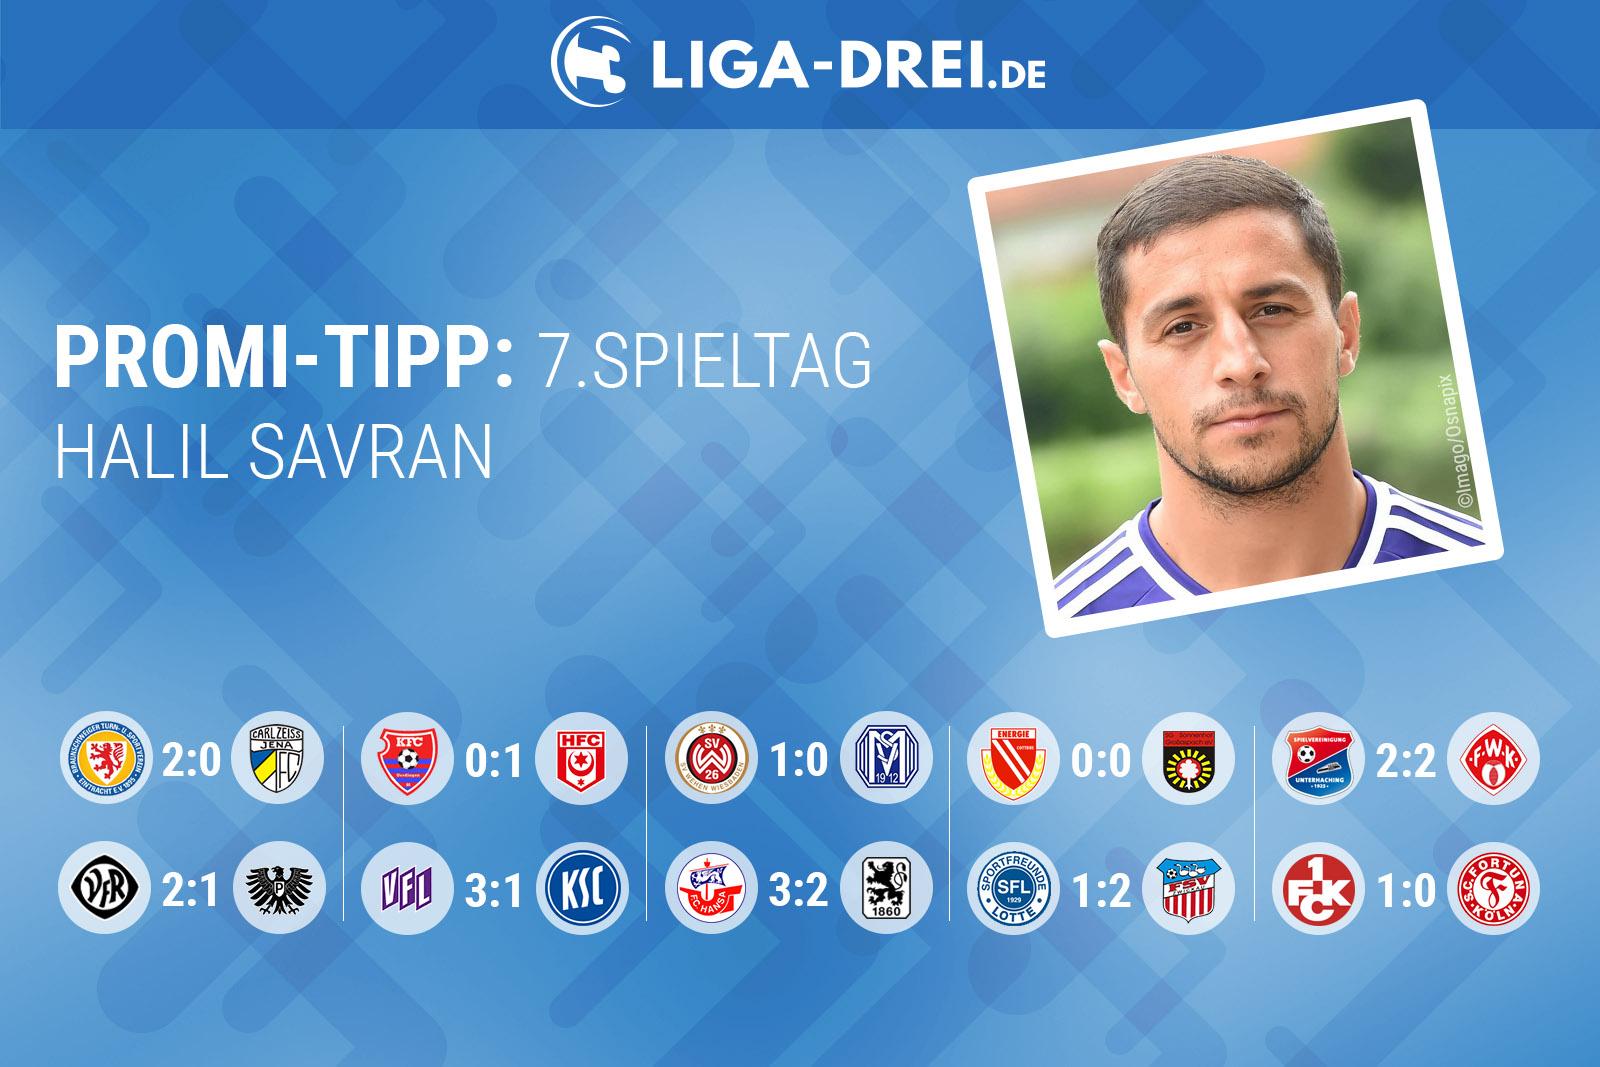 Halil Savran beim Promi-Tipp von Liga-Drei.de